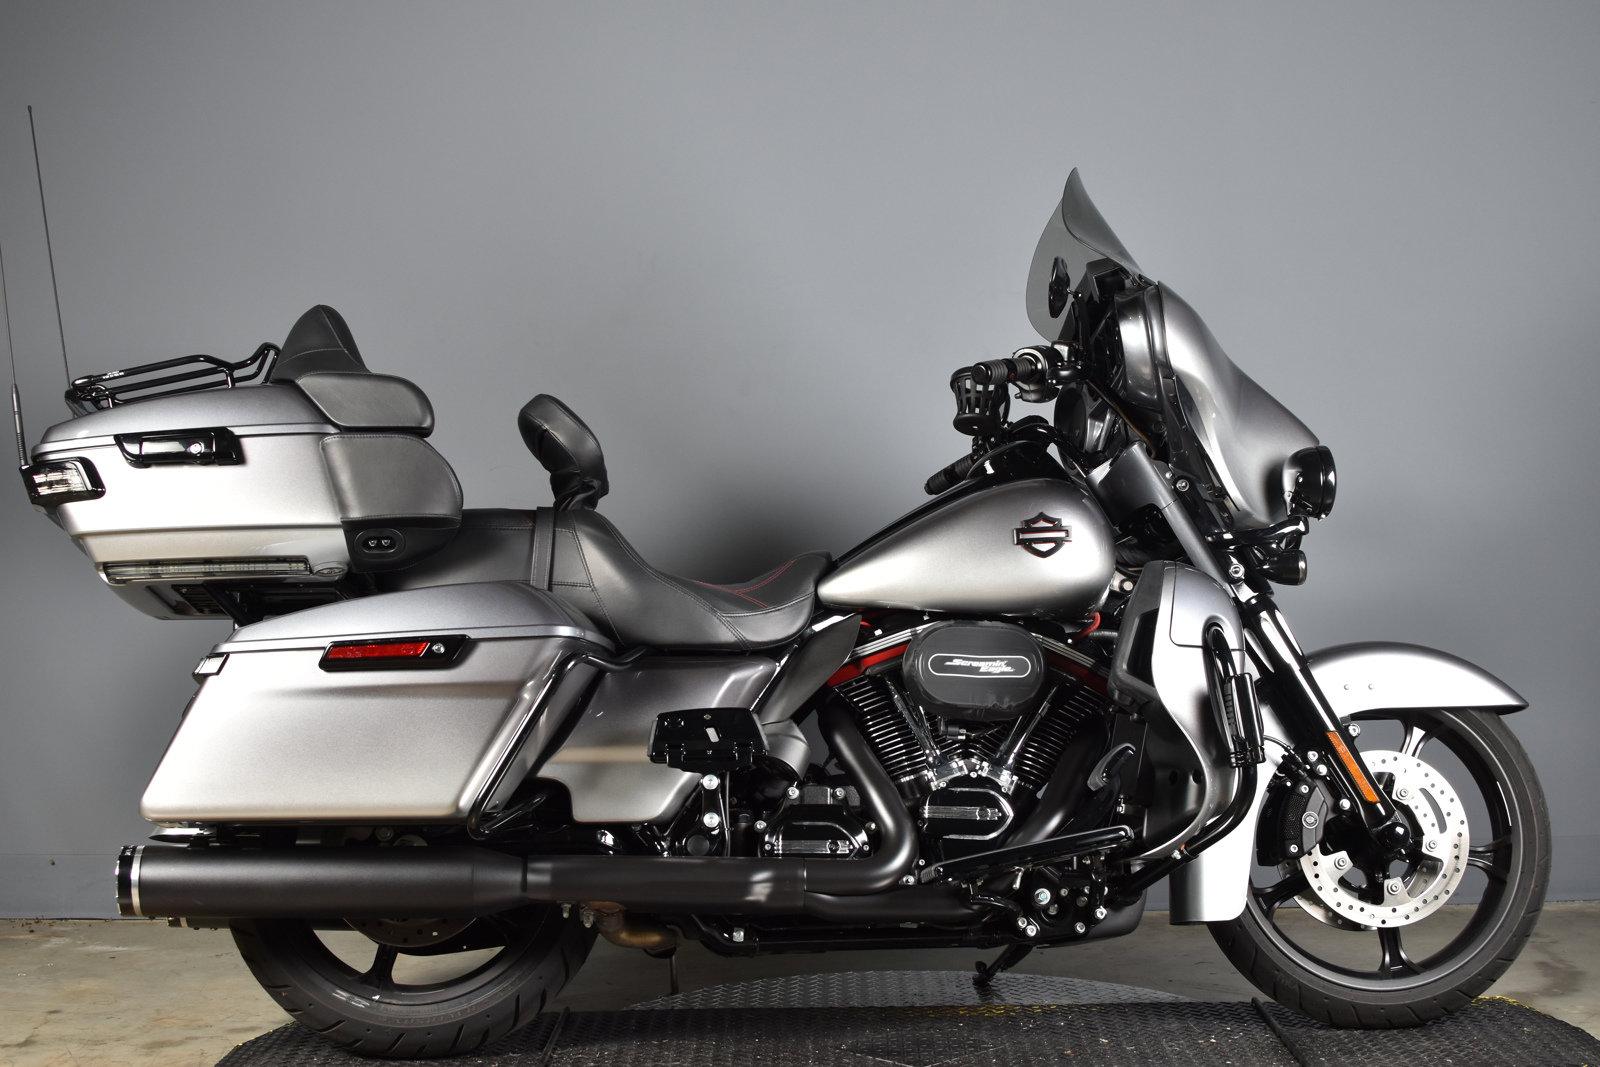 Pre-Owned 2019 Harley-Davidson Limited CVO FLHTKSE